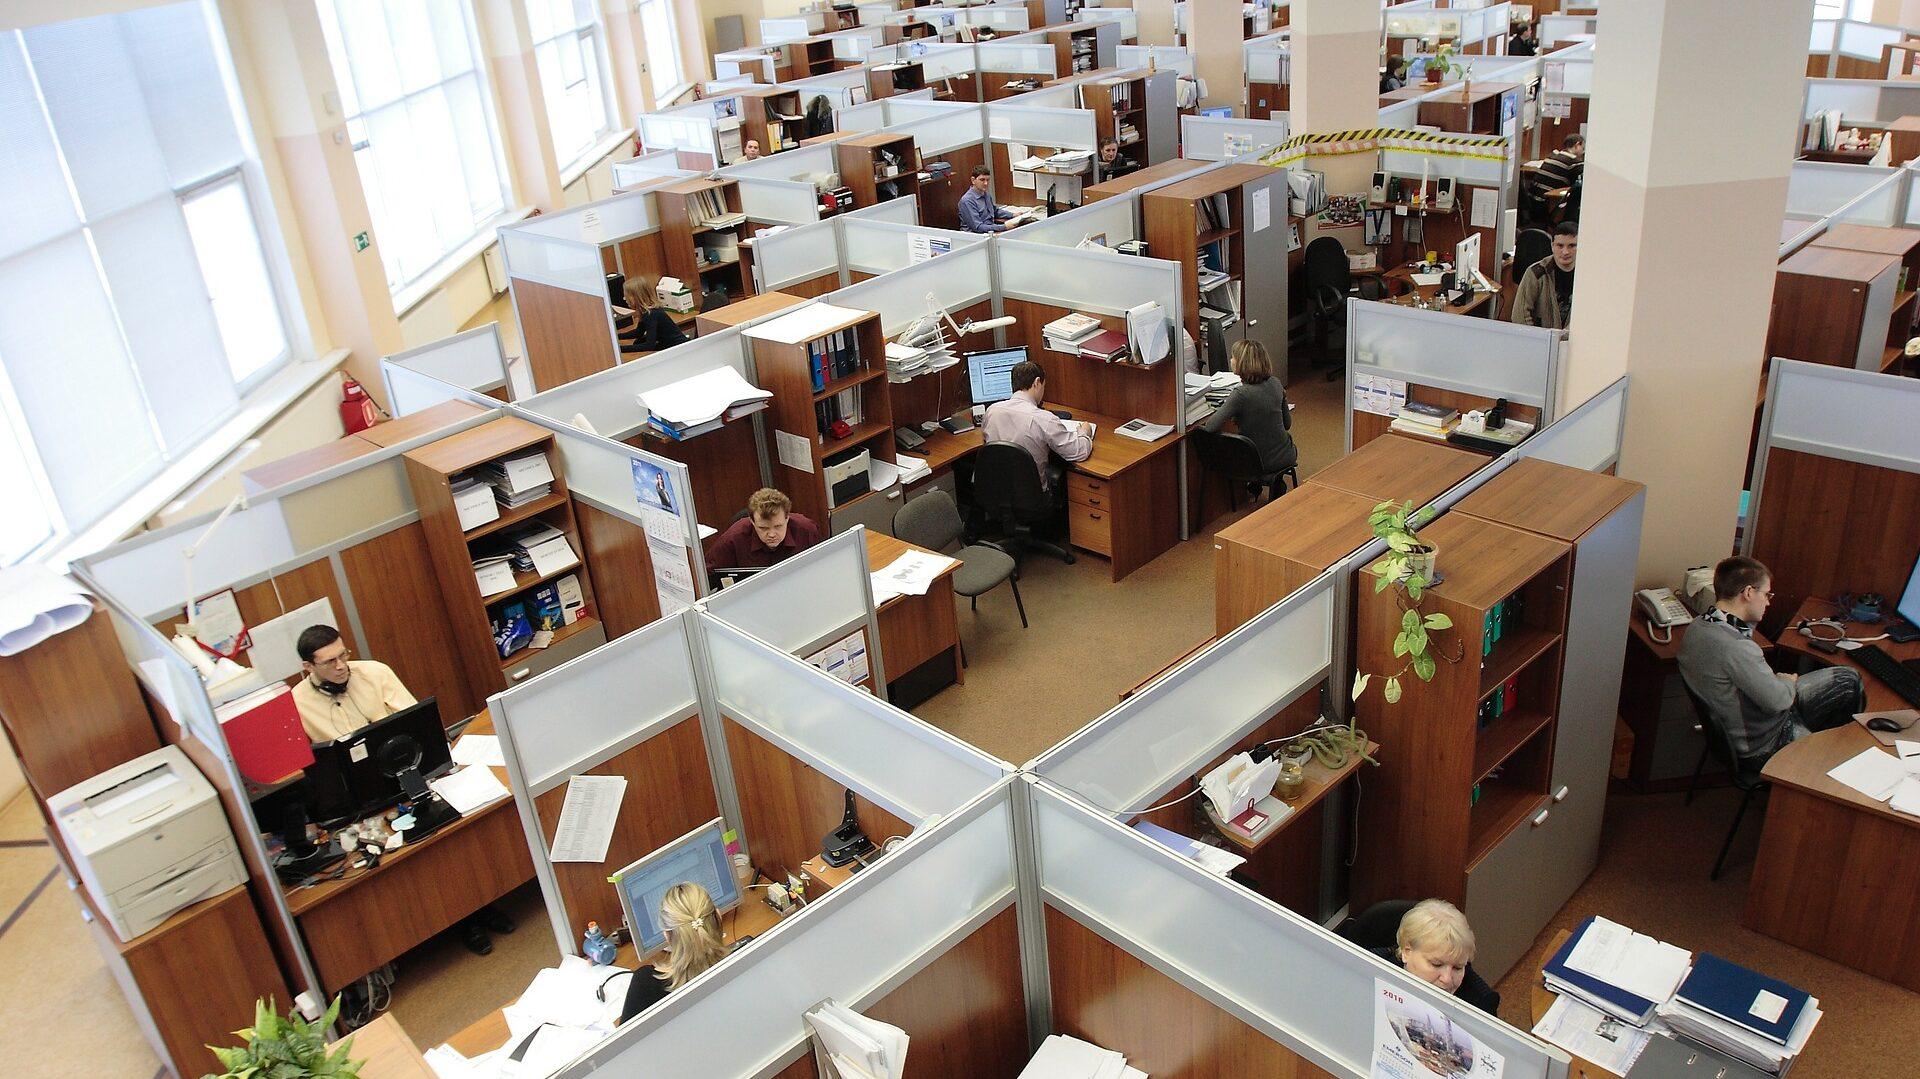 ジョブ型雇用とメンバーシップ型雇用|違いや注目されている理由を解説